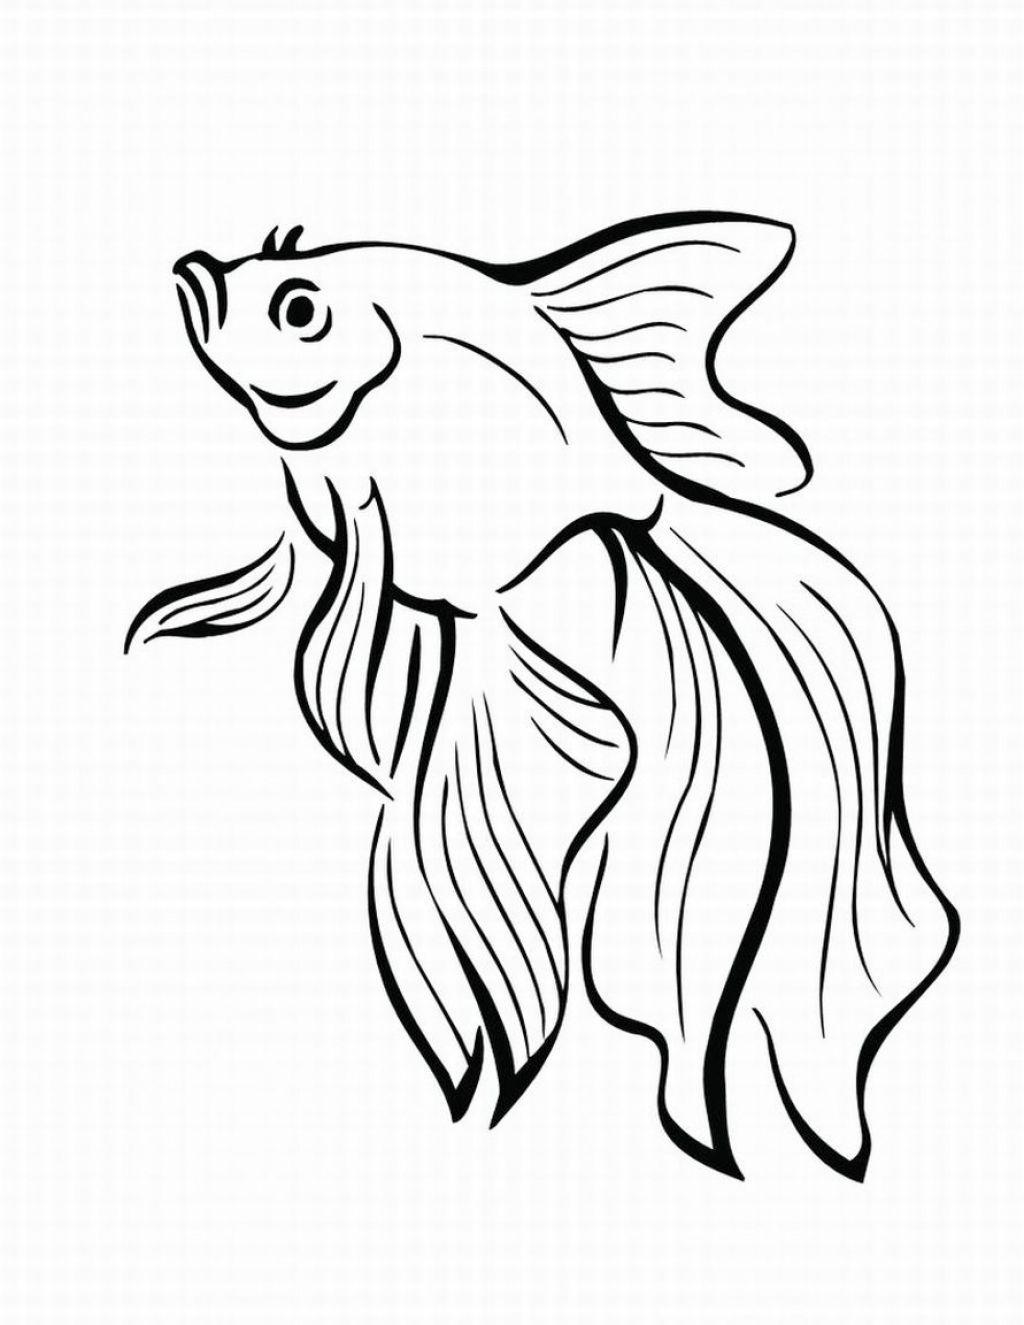 Großzügig Druckbare Fisch Malvorlagen Zeitgenössisch - Beispiel ...